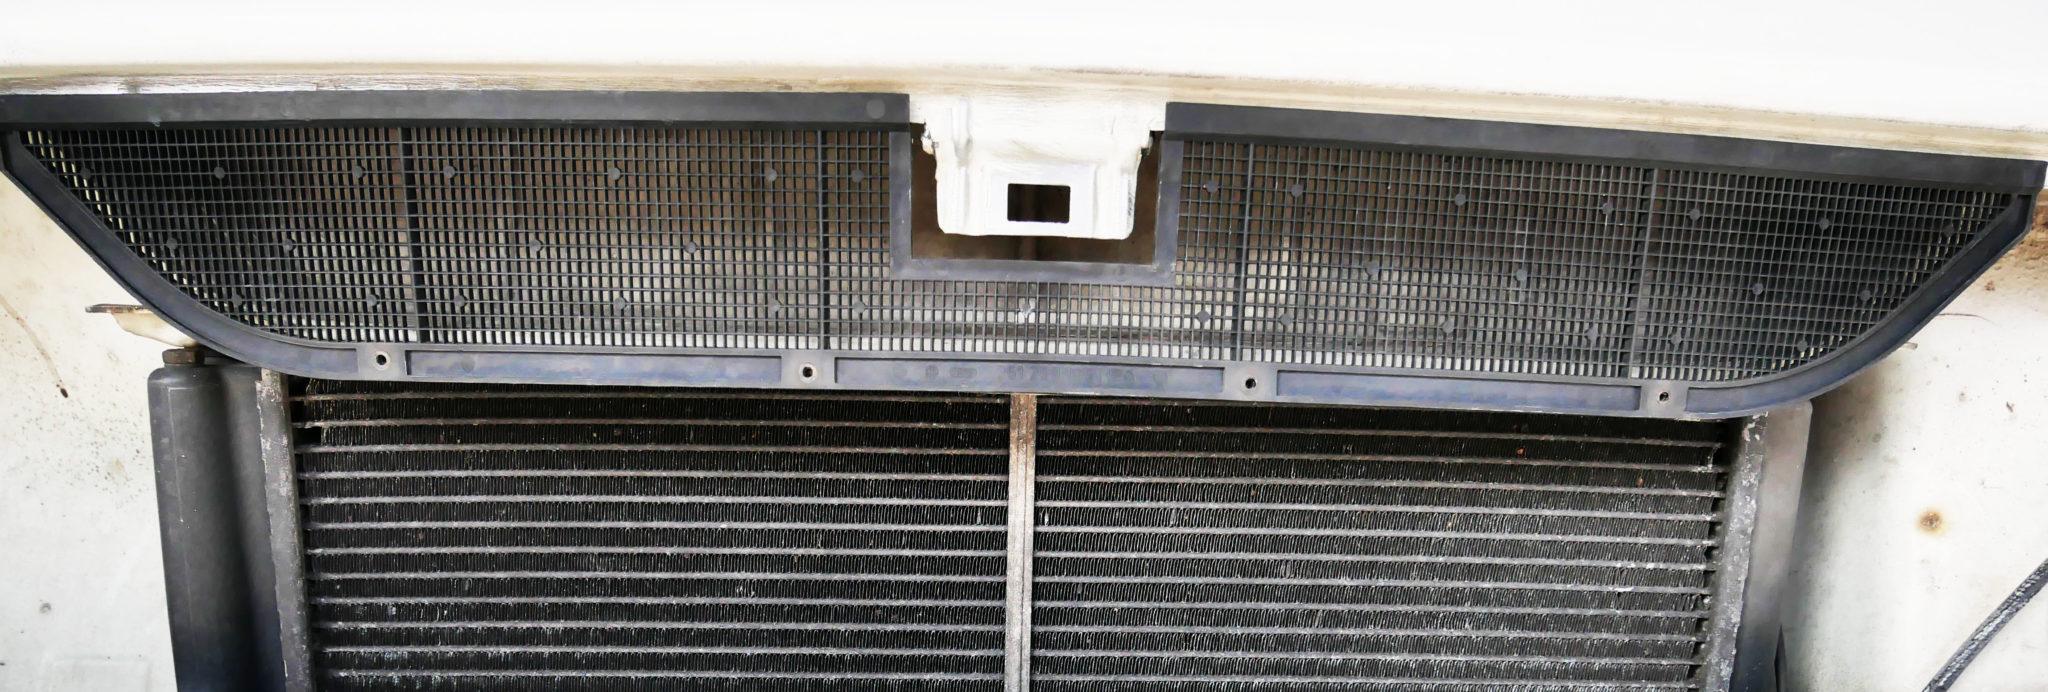 Lüftungsgitter VW T3. Es soll verhindern, dass grober Dreck aus der Umwelt in den Gebläsekasten gelangt.